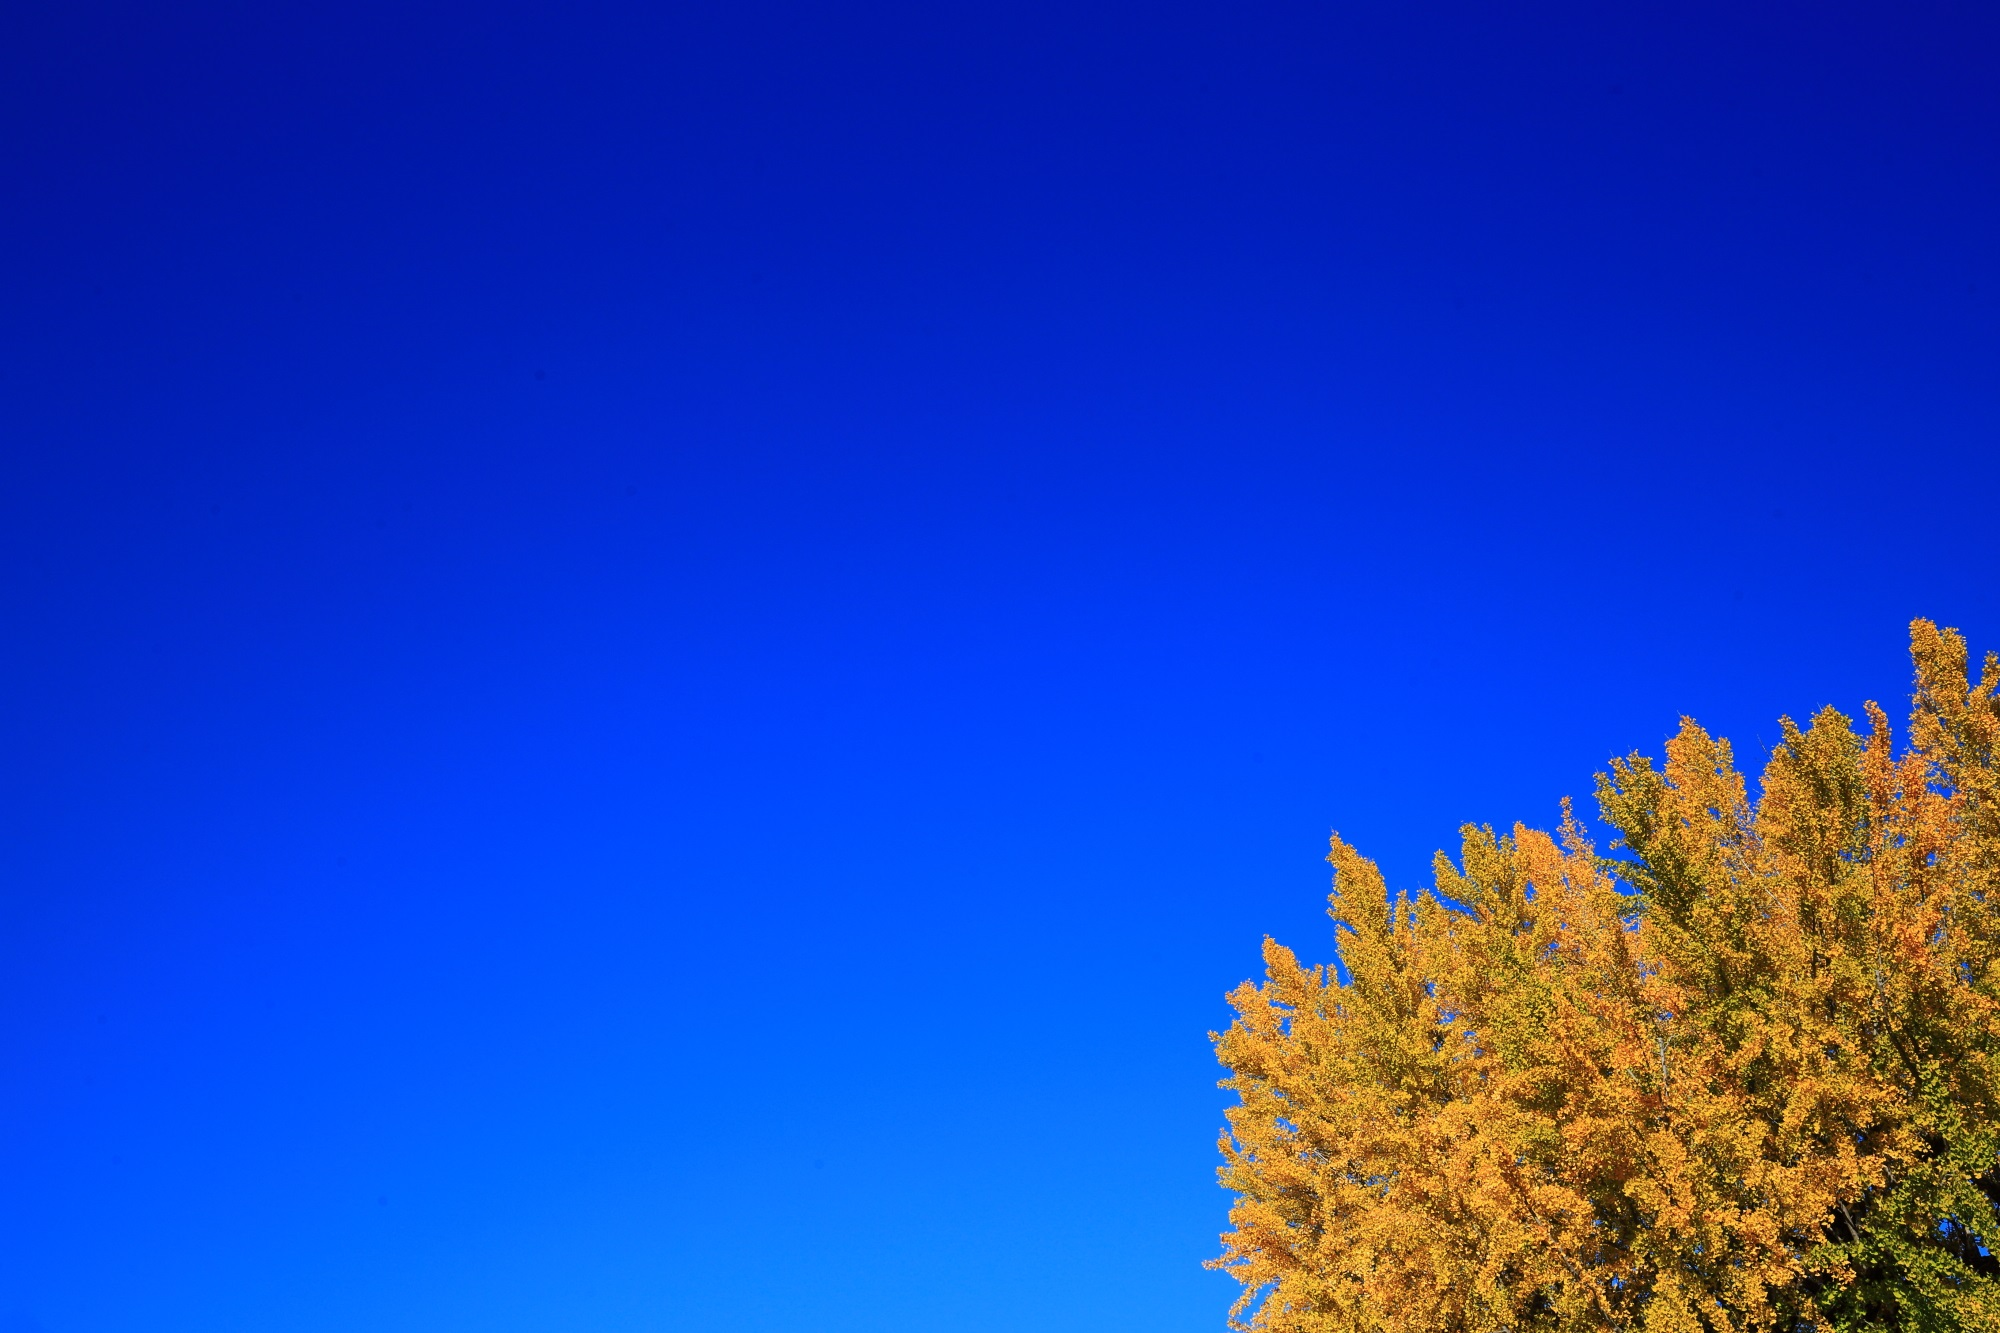 西本願寺の阿弥陀堂前の大きな鮮やかな黄色い銀杏と快晴の青空